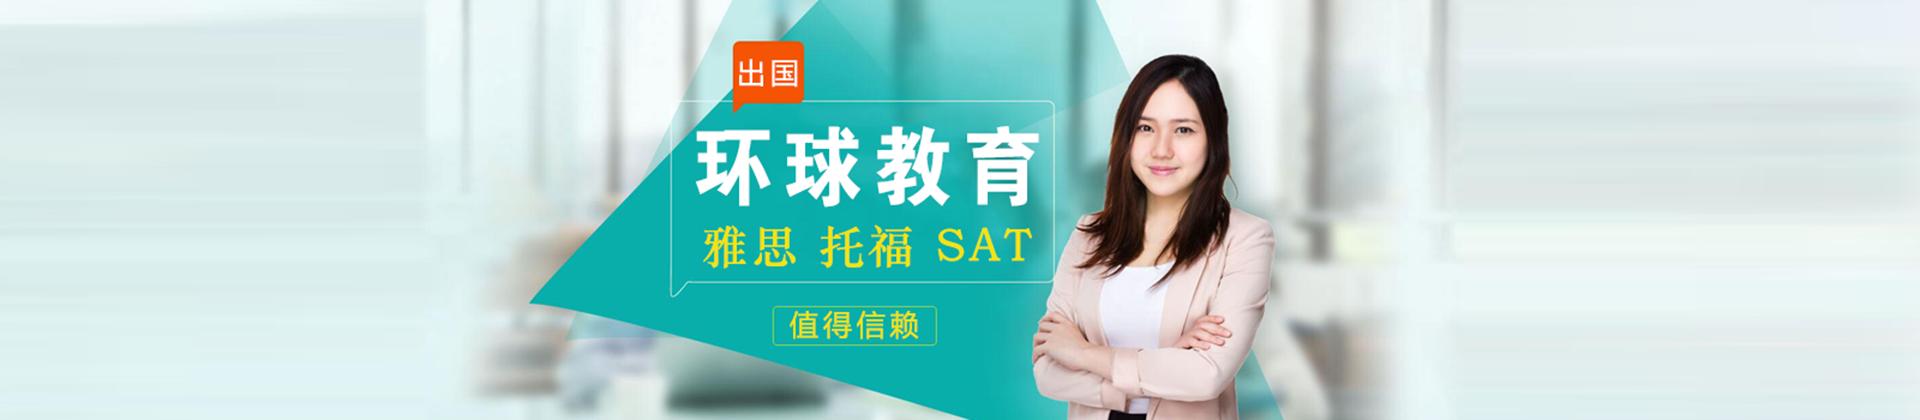 上海環球雅思教育